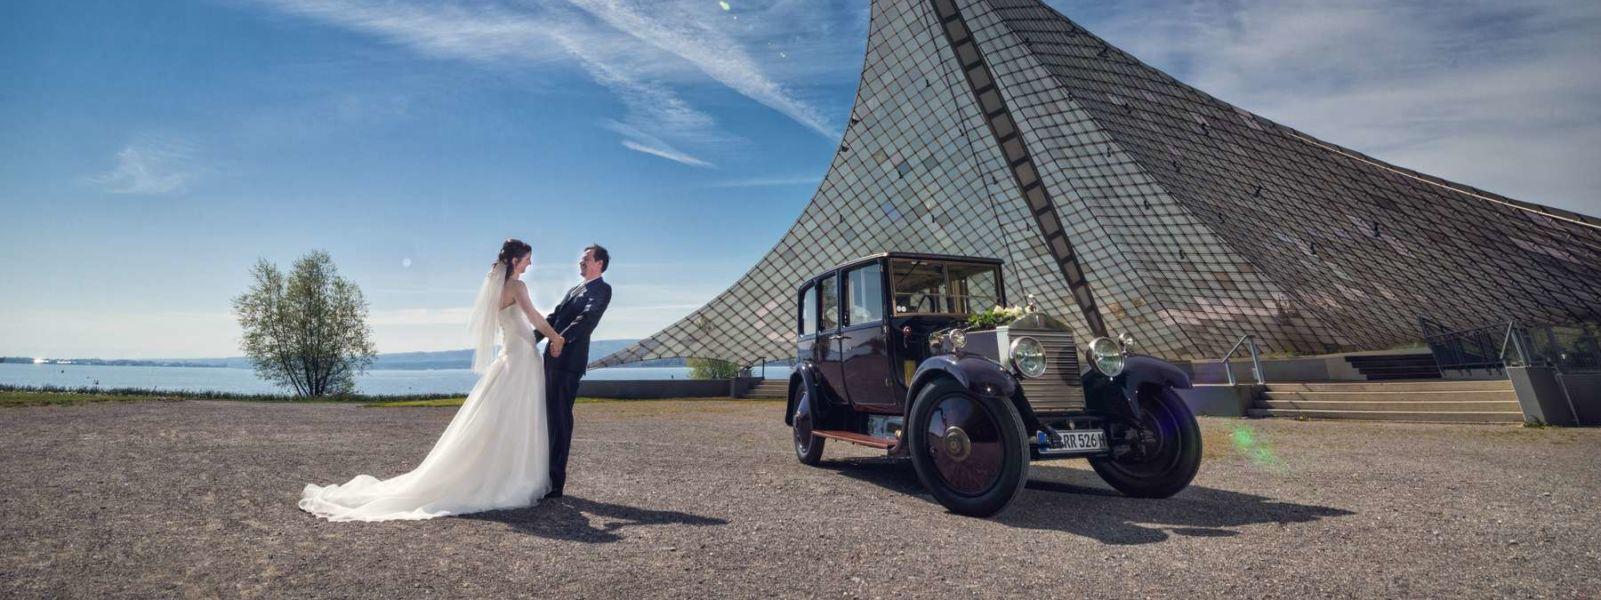 Brautpaar beim Fotoshooting mit Hochzeits-Oldtimer am Konzertsegel an ihrem Hochzeitstag in Radolfzell